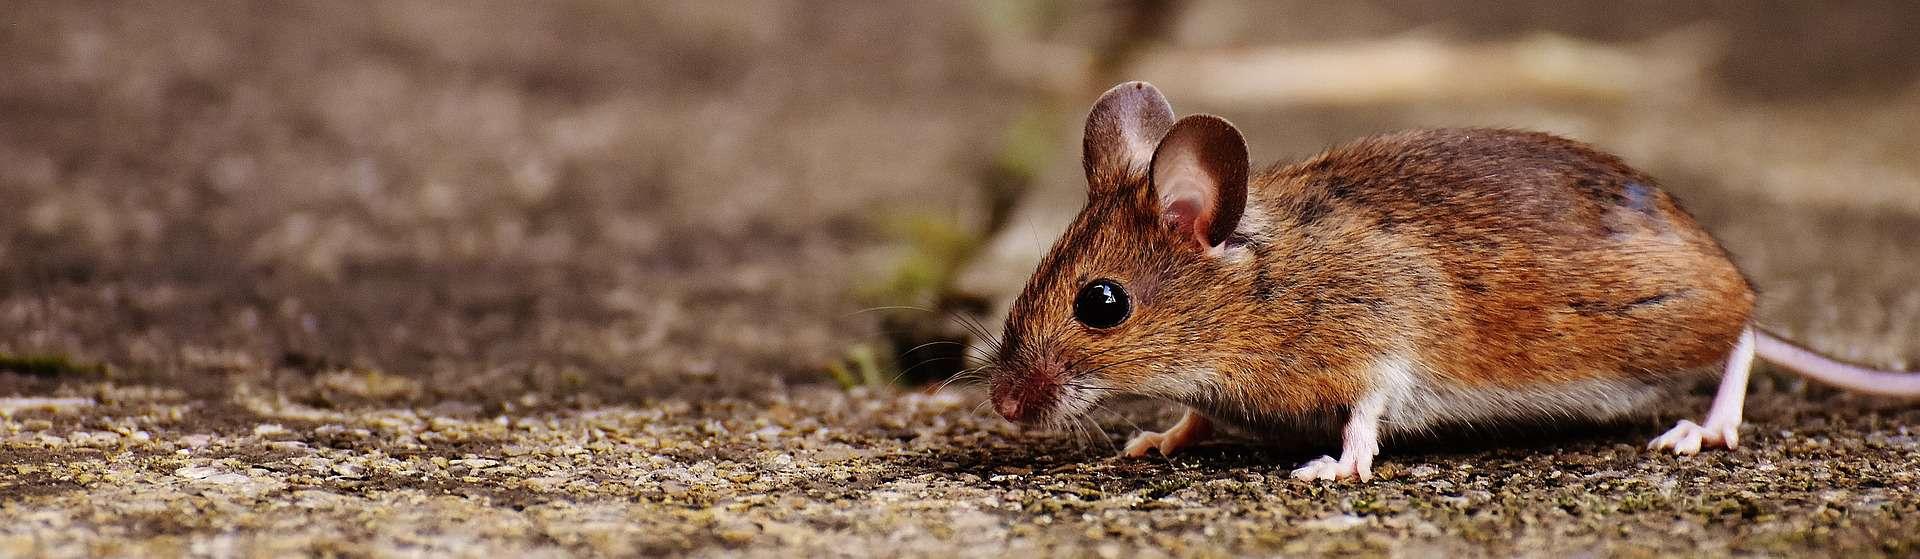 עכבר שעומד על אדמה